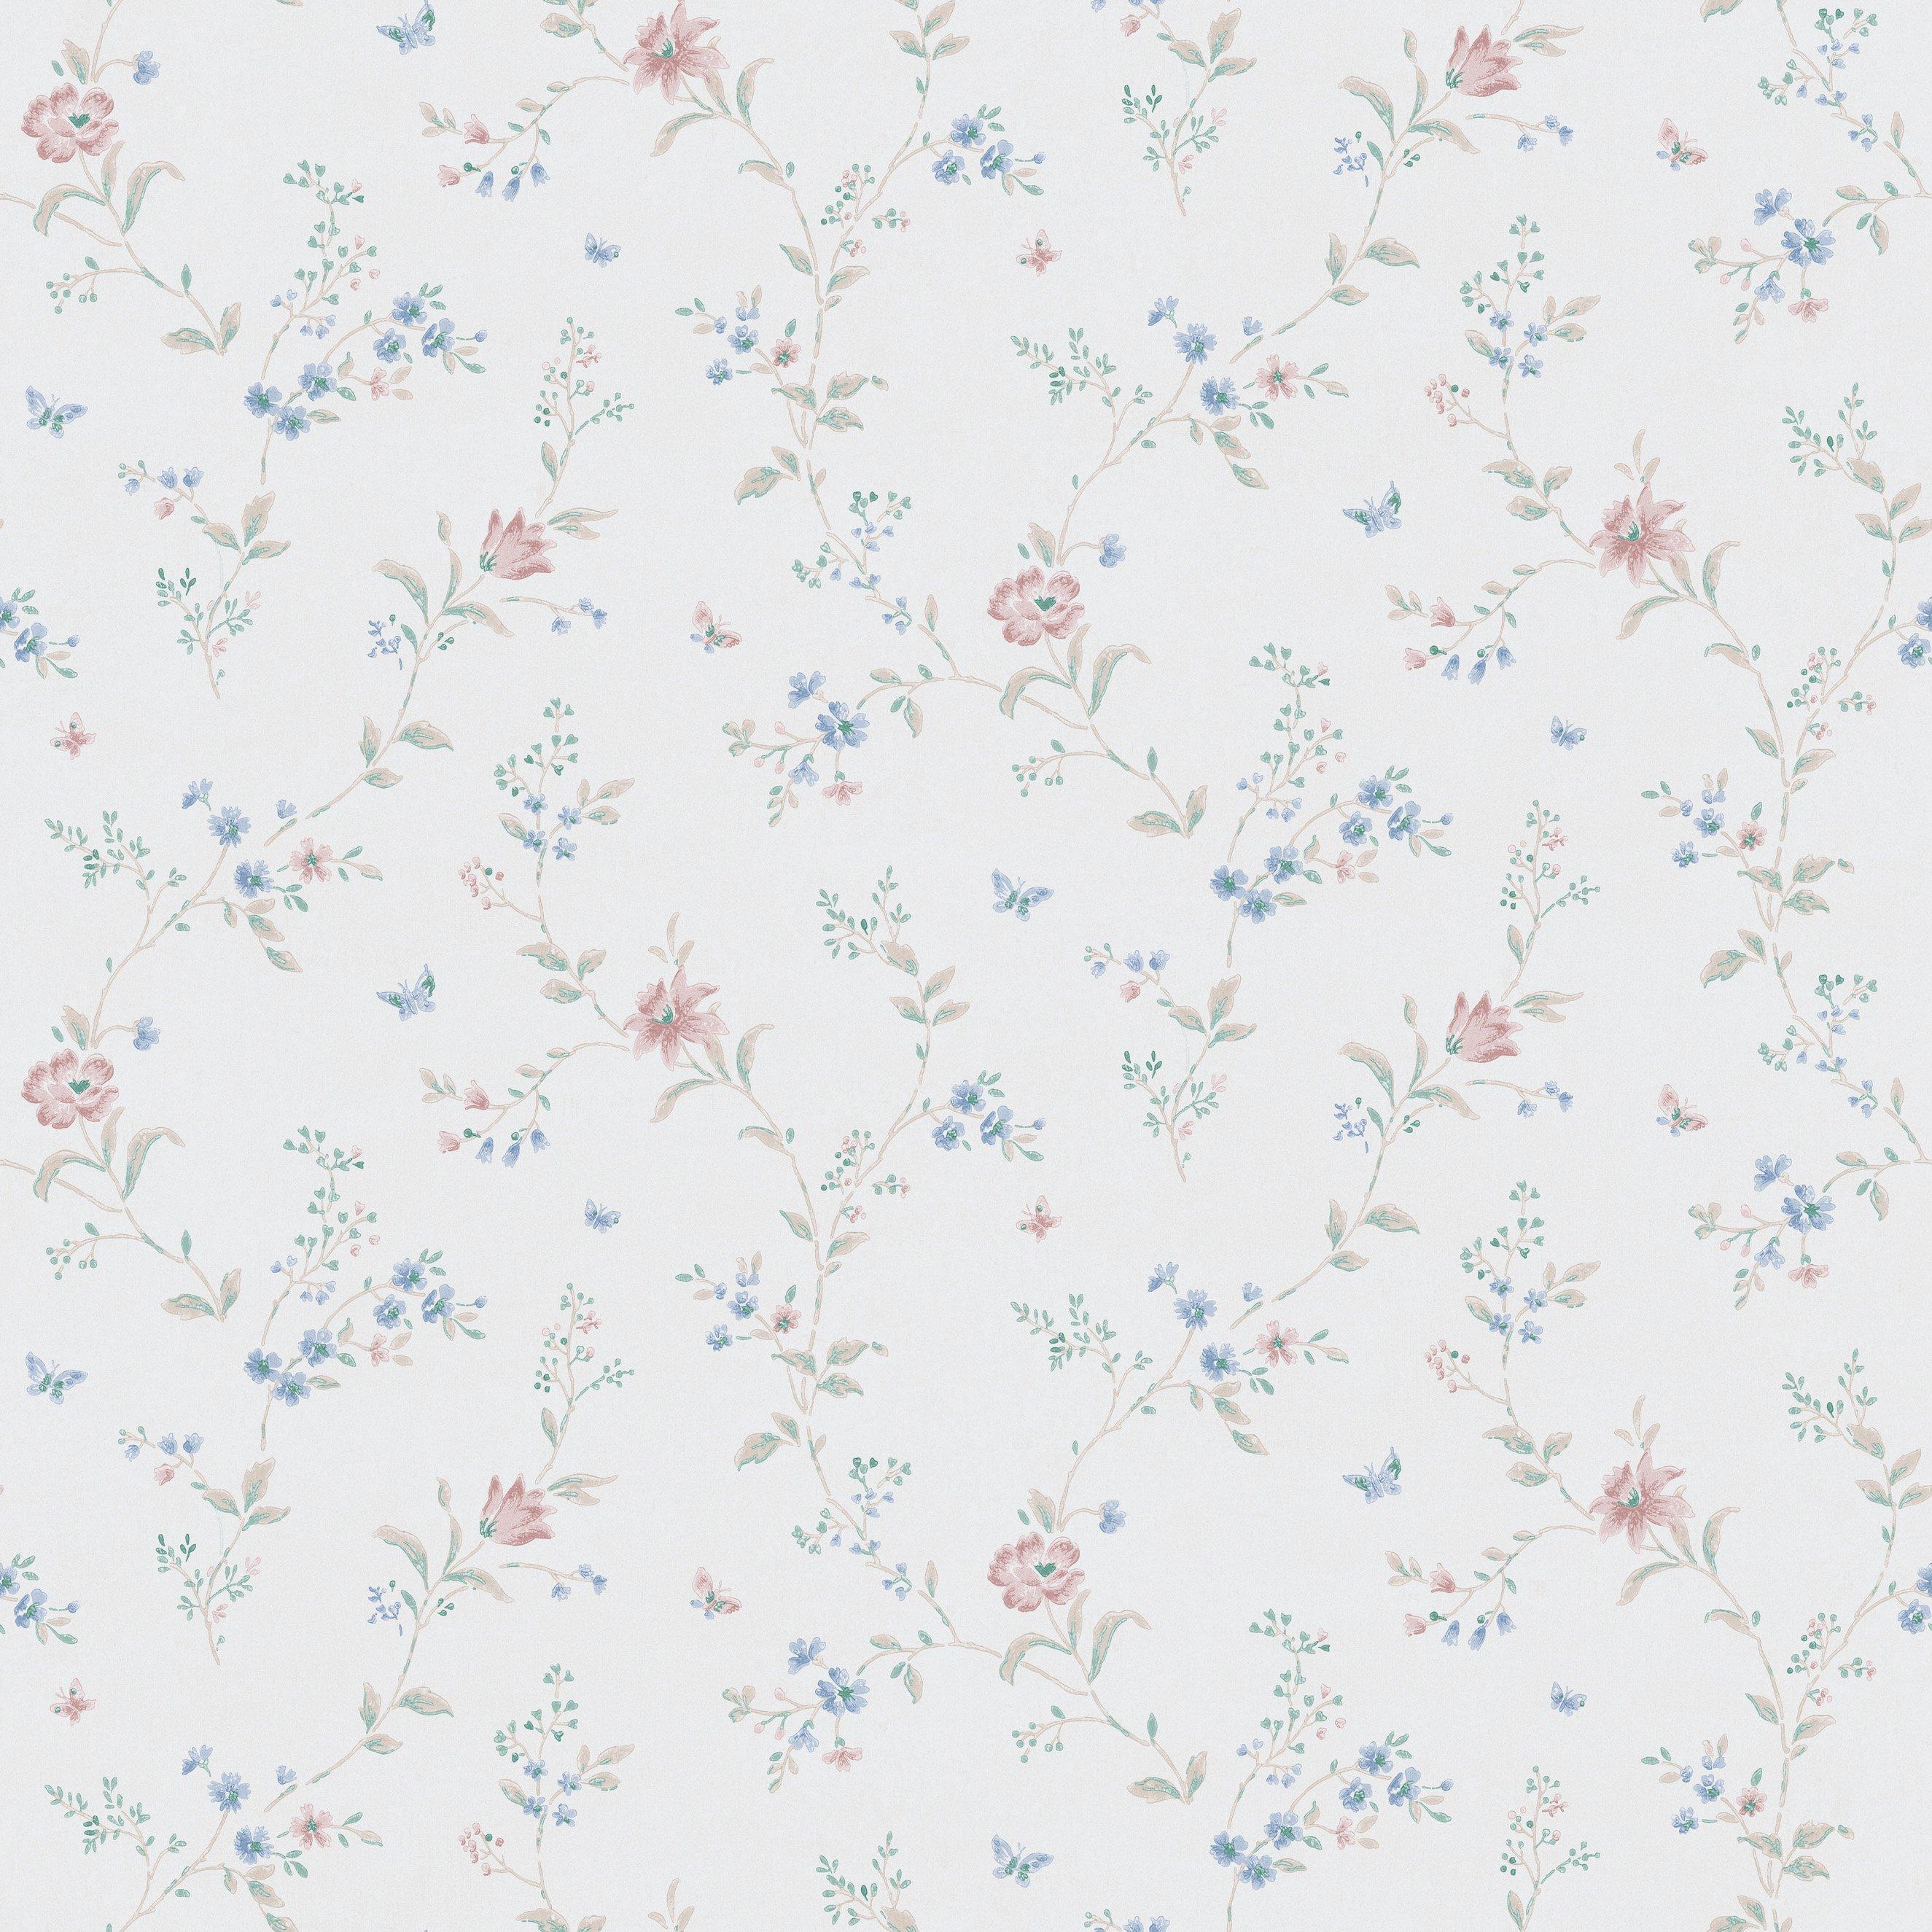 фон в мелкий цветочек оно